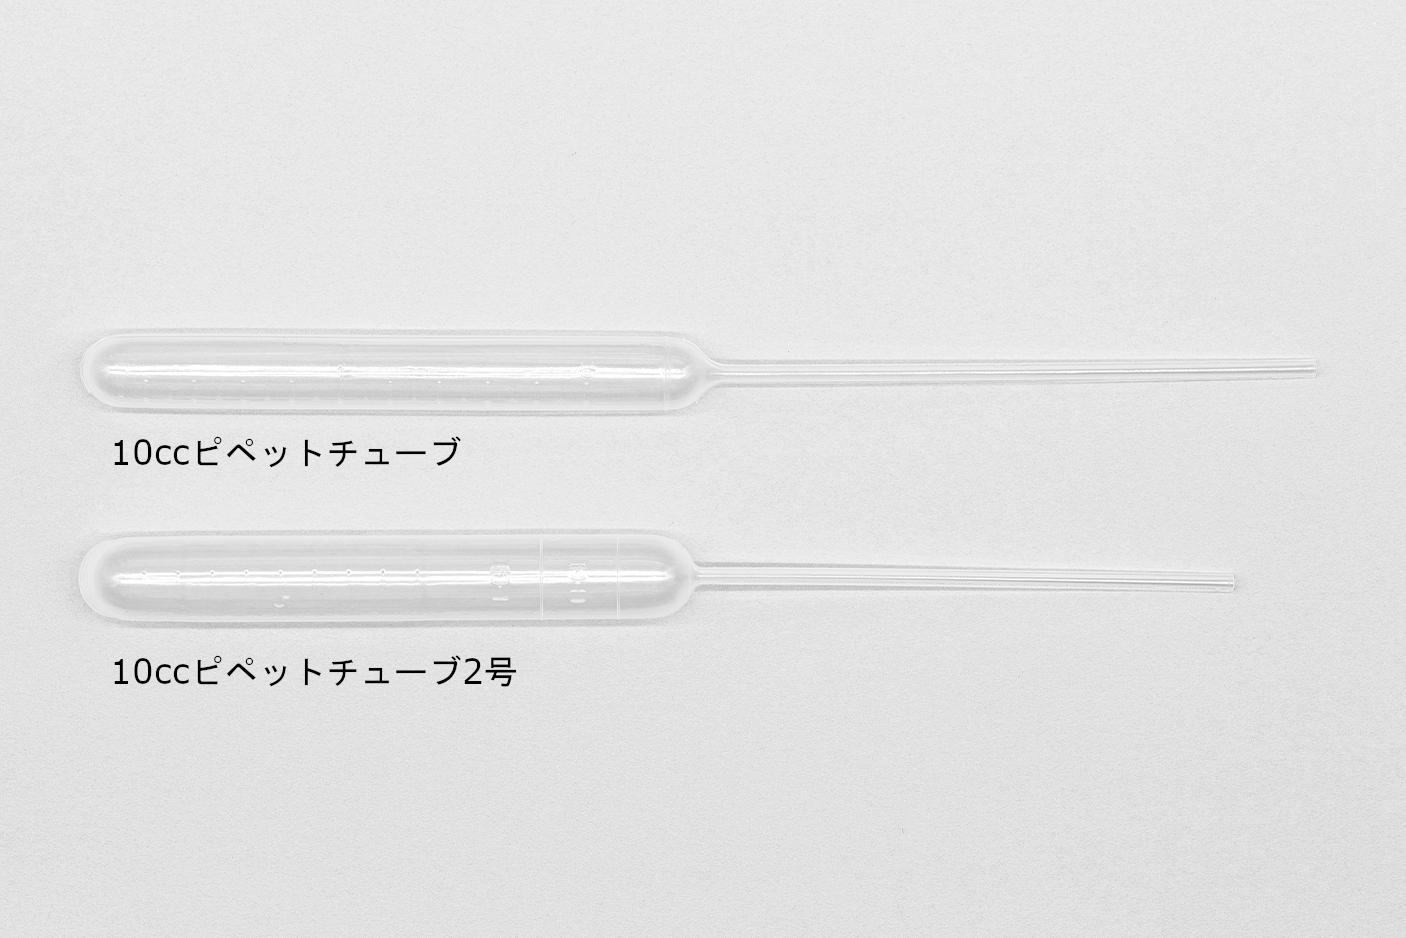 微生物検査 スポイト 10cc プラスチック 比較